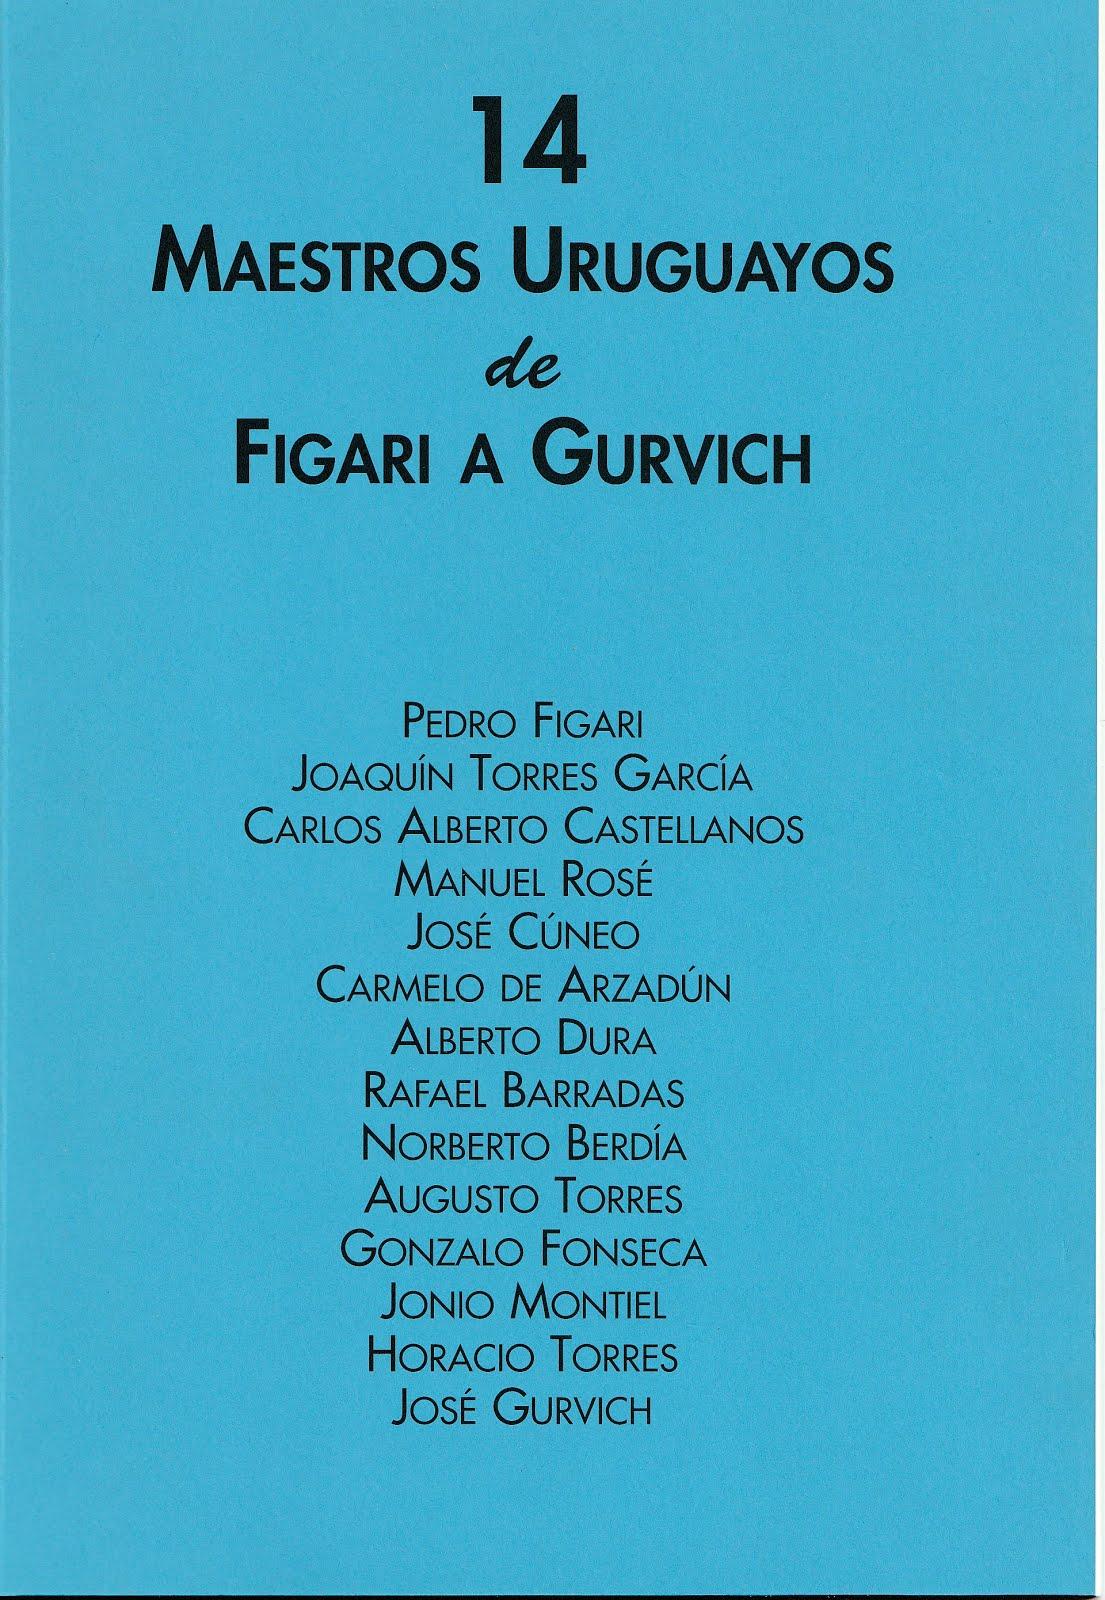 14 Maestros Uruguayos de Figari a Gurvich